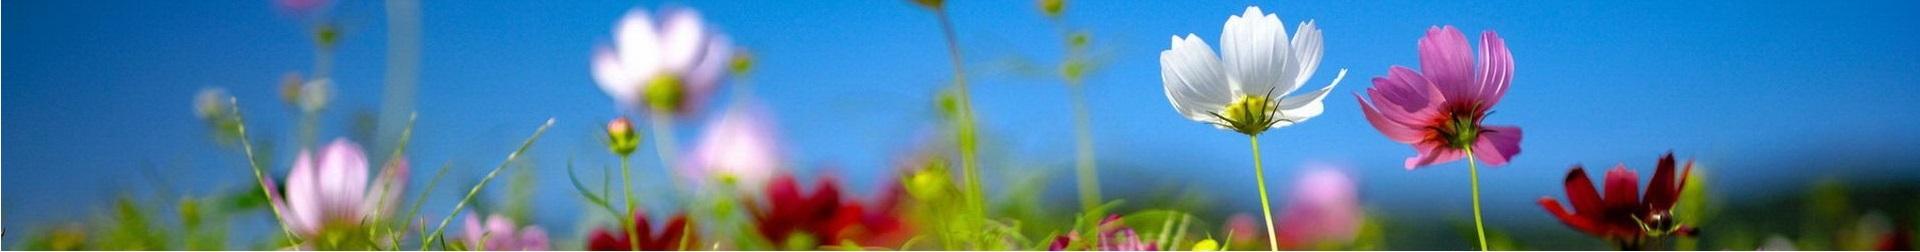 Flores de primavera y verano